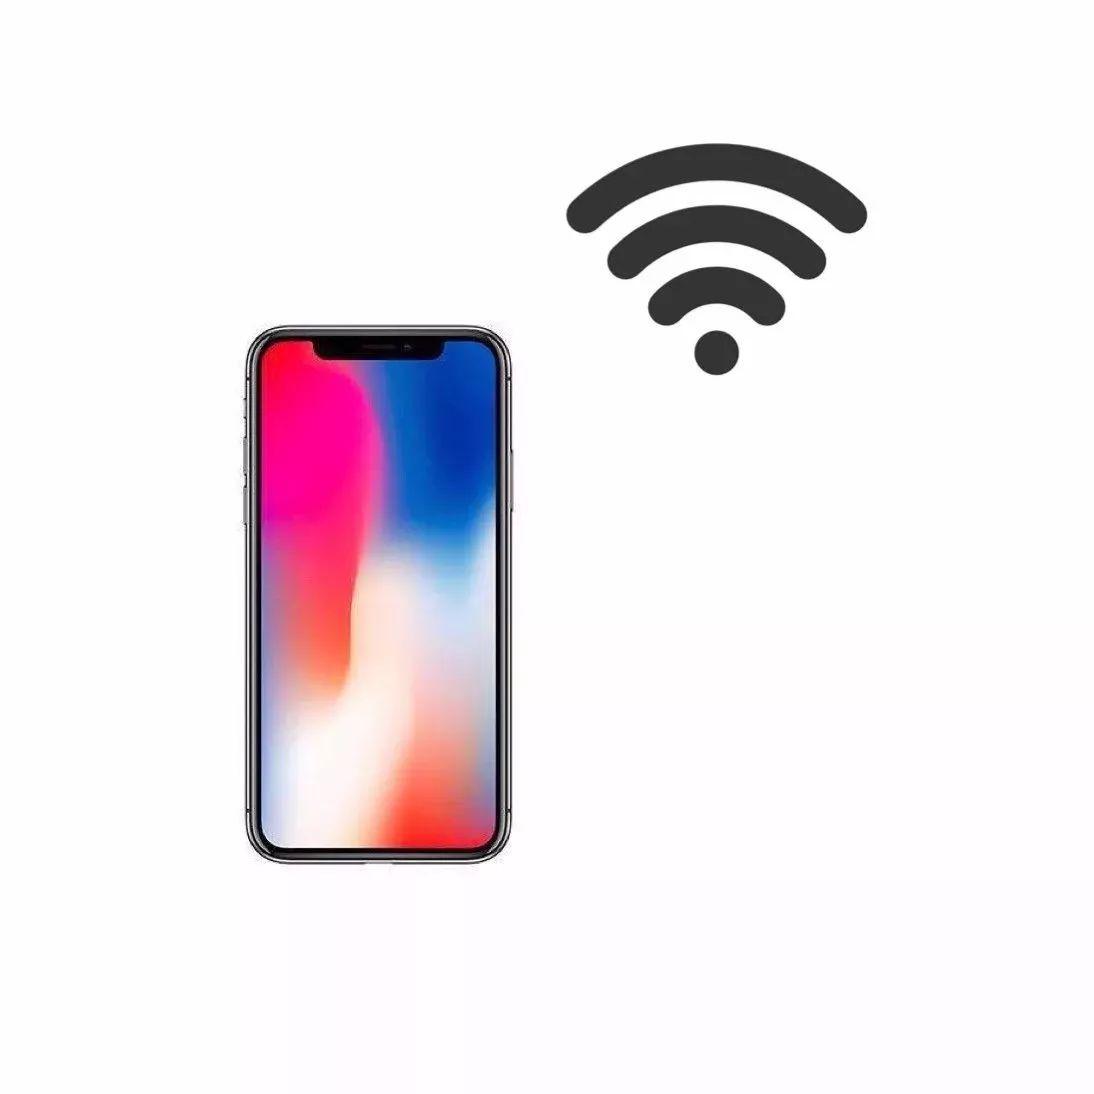 睡觉关 Wi-Fi 防辐射?别闹